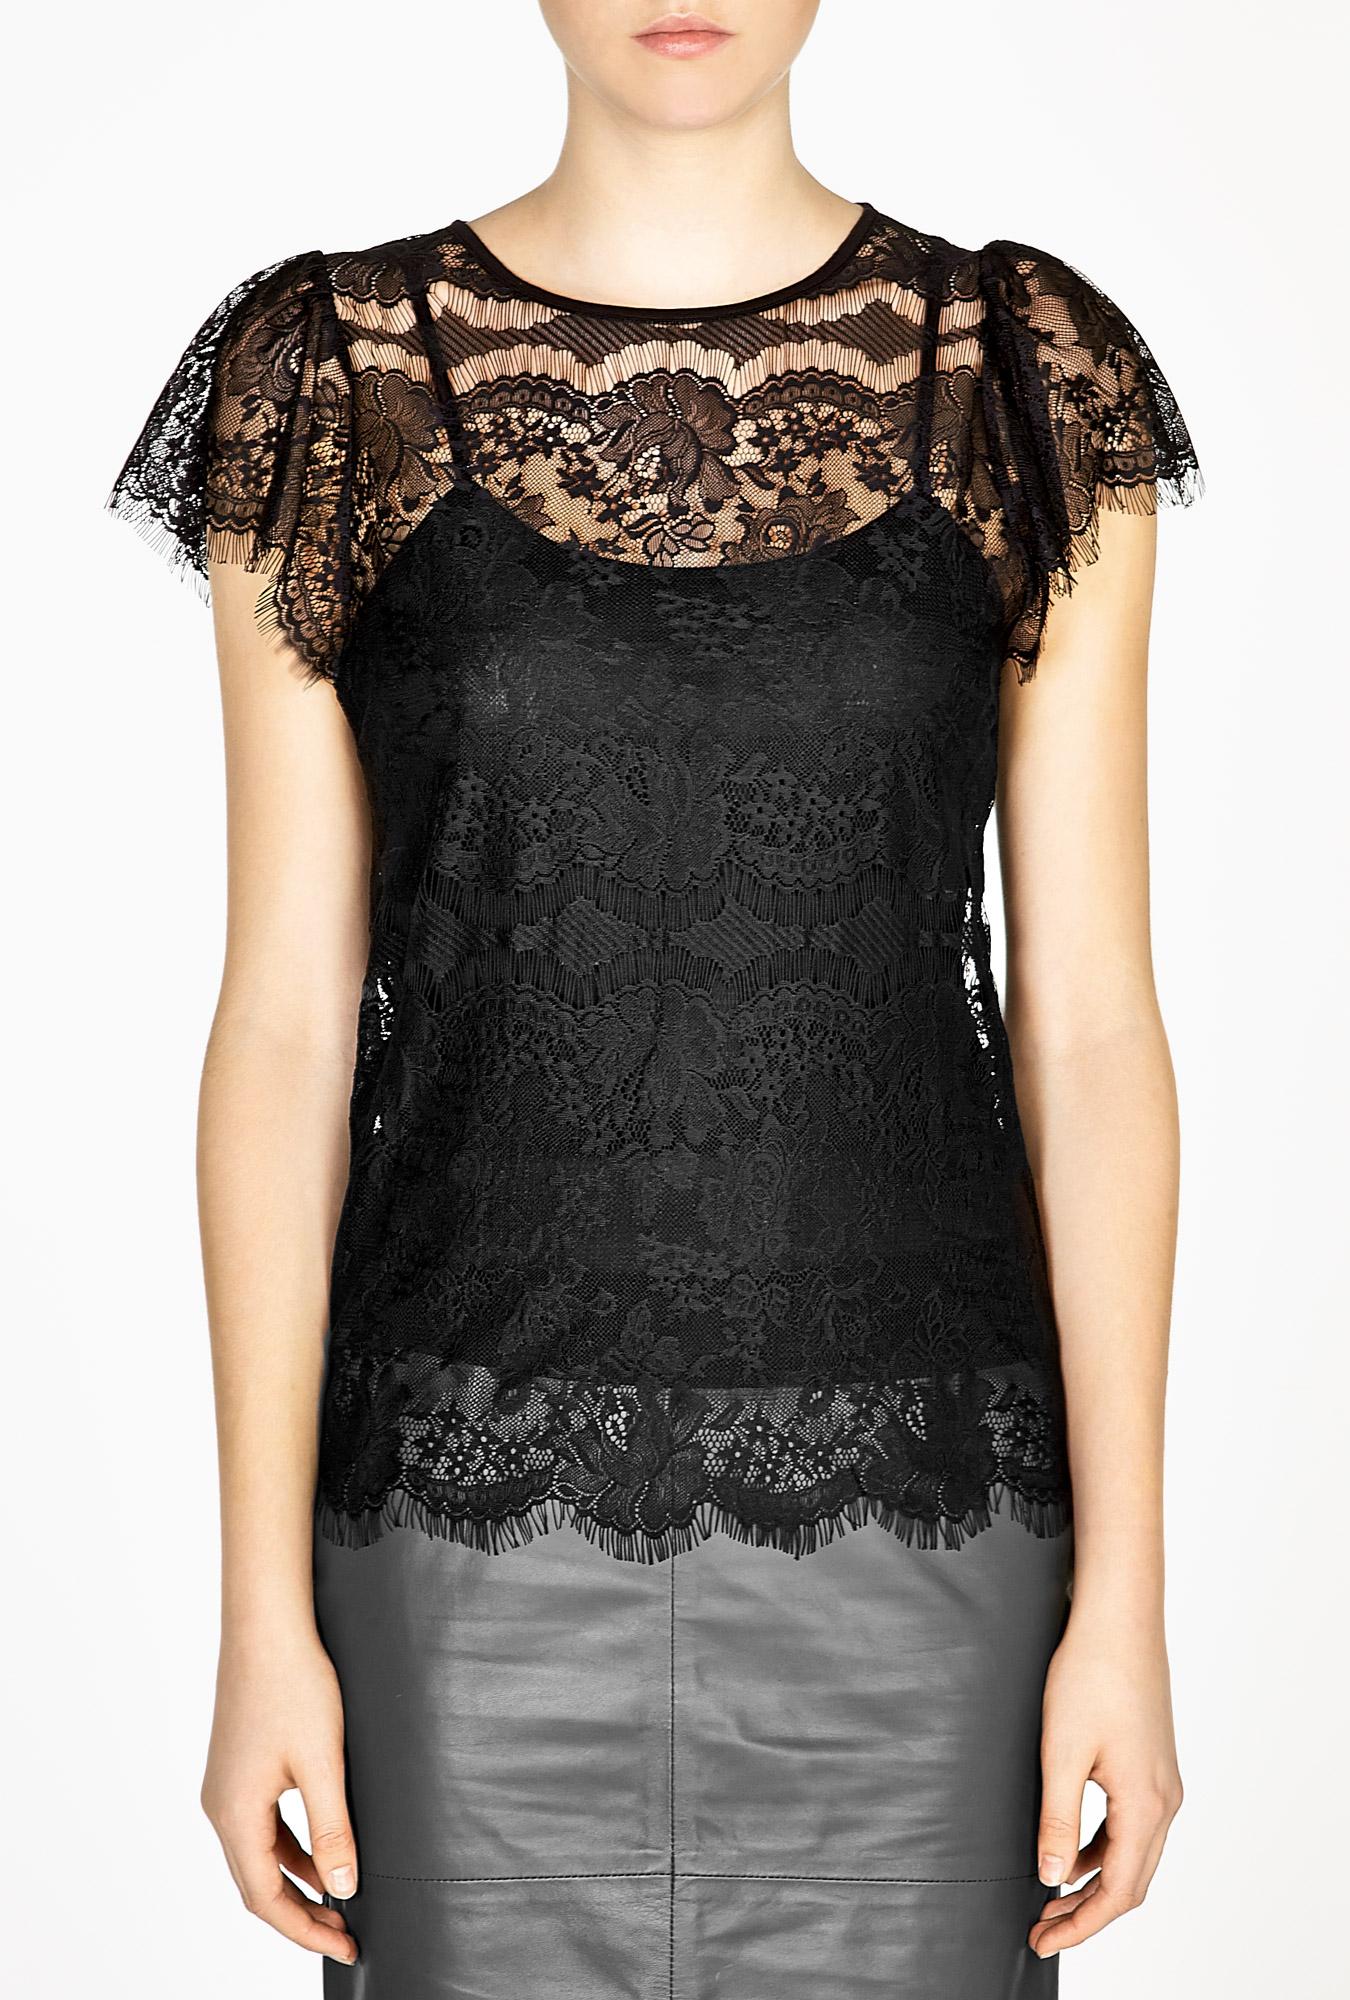 day birger et mikkelsen night twilight lace top in black lyst. Black Bedroom Furniture Sets. Home Design Ideas